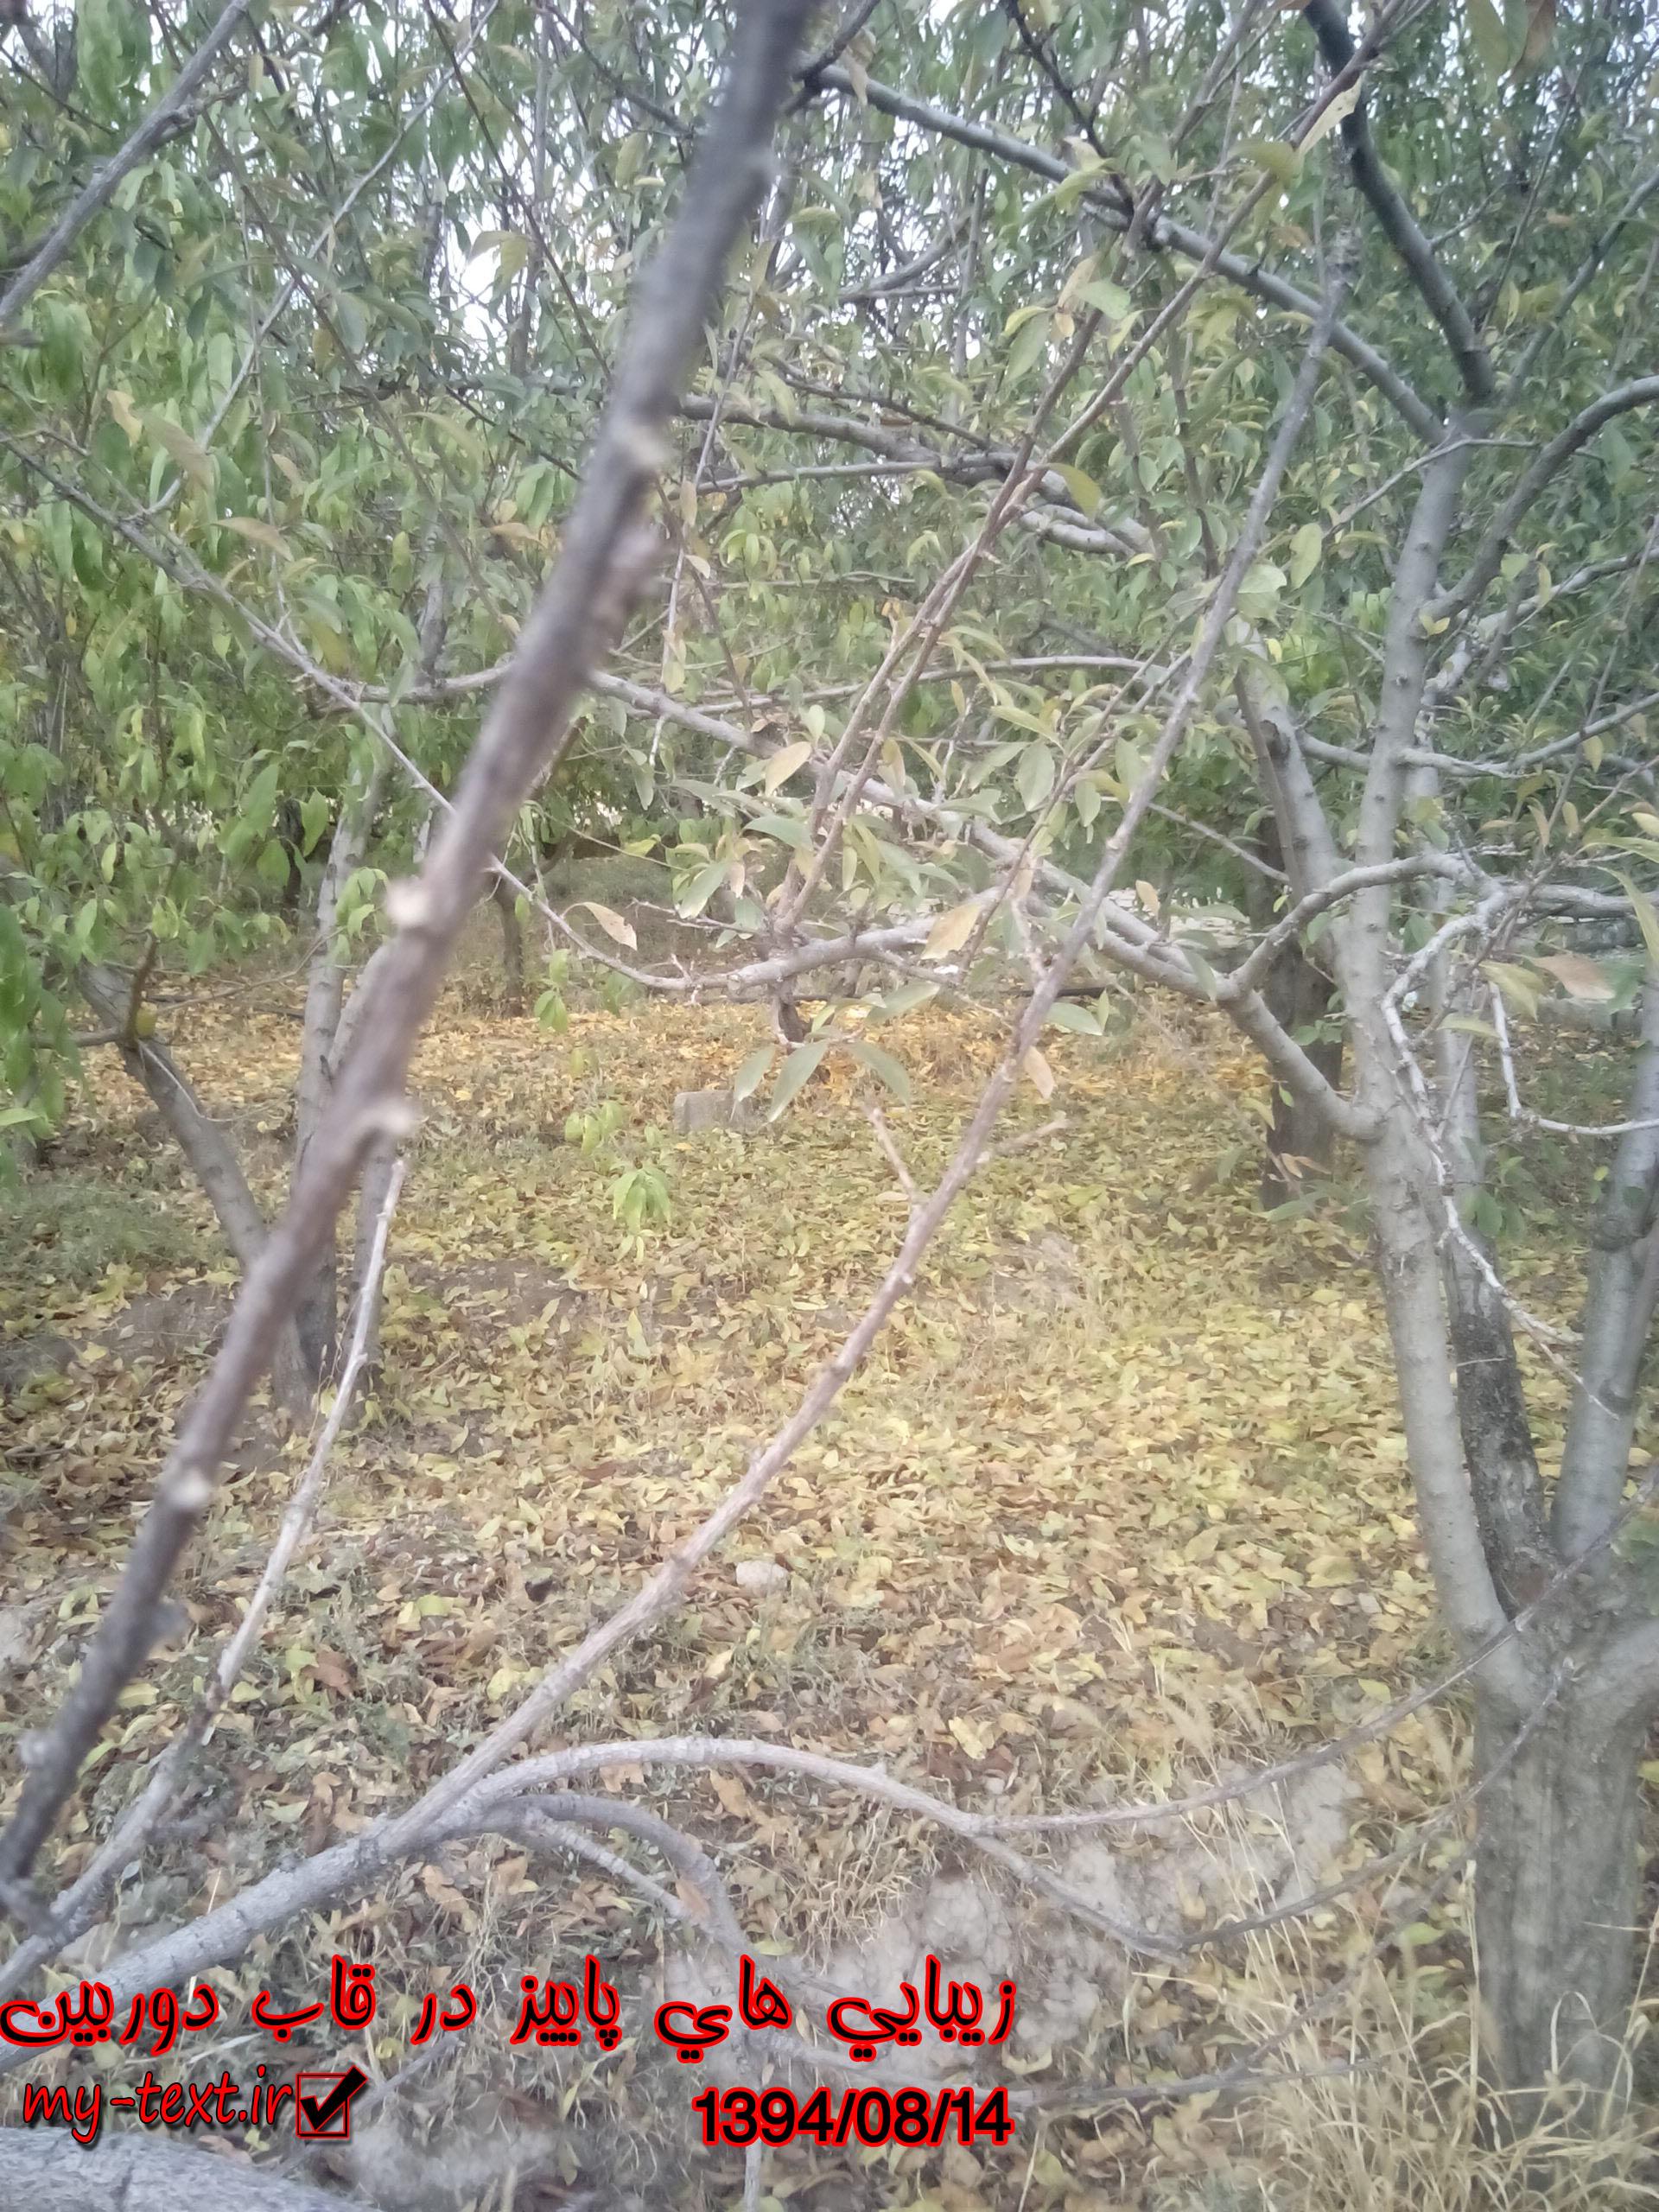 زیبایی پاییز در قاب دوربین (تصاویر اختصاصی و عکاسی شخصی توسط خودم)